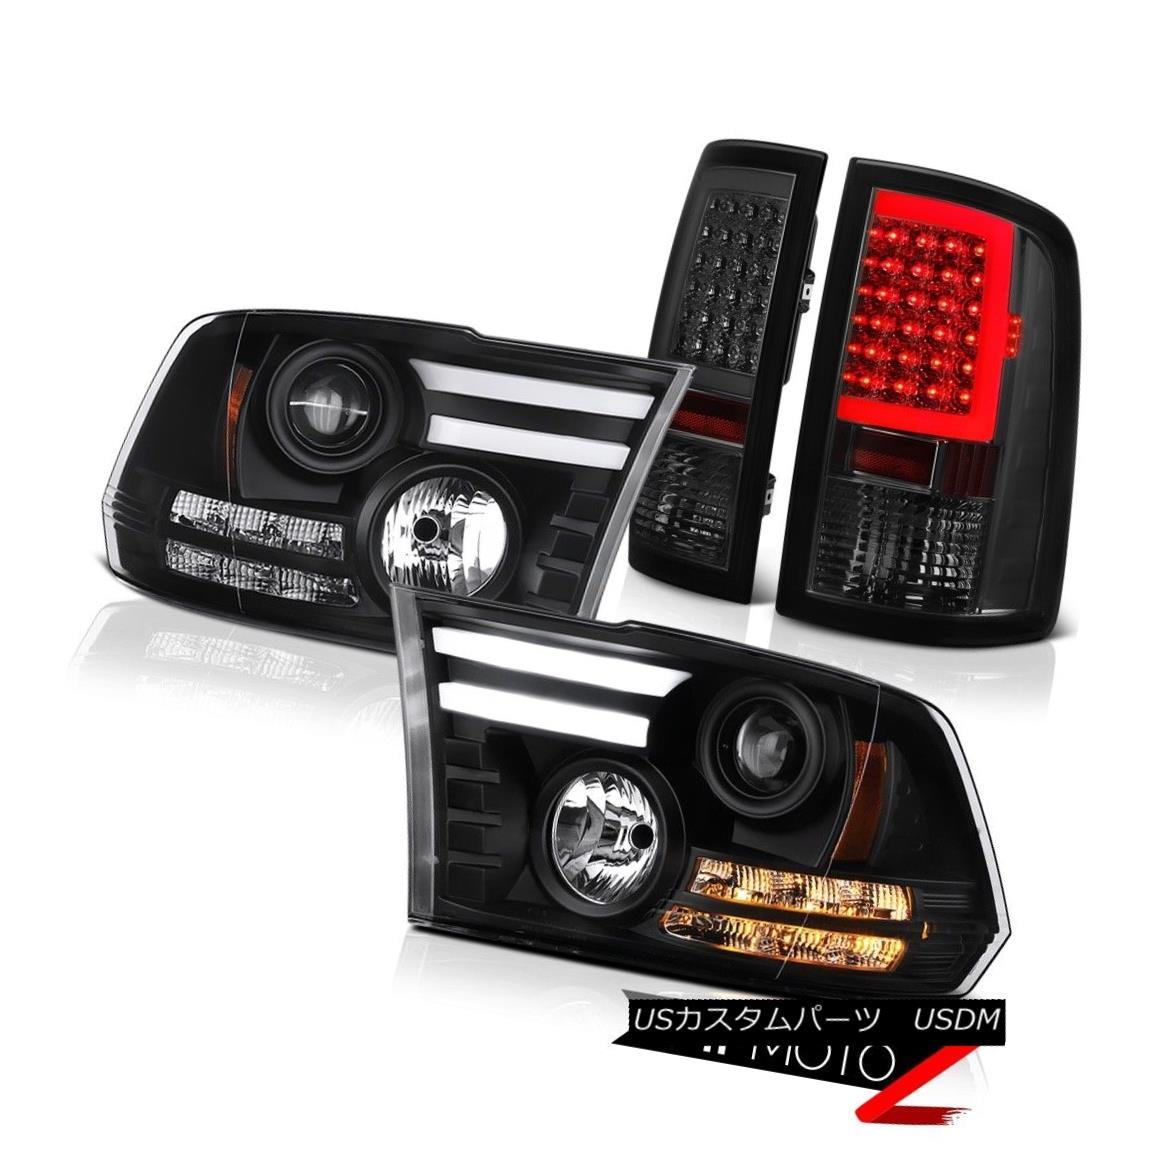 テールライト 09 10 11 12 13-18 Dodge RAM 3500 Tail Lights Fiber Optic Headlamps Assembly PAIR 09 10 11 12 13-18ダッジRAM 3500テールライト光ファイバーヘッドランプアセンブリPAIR